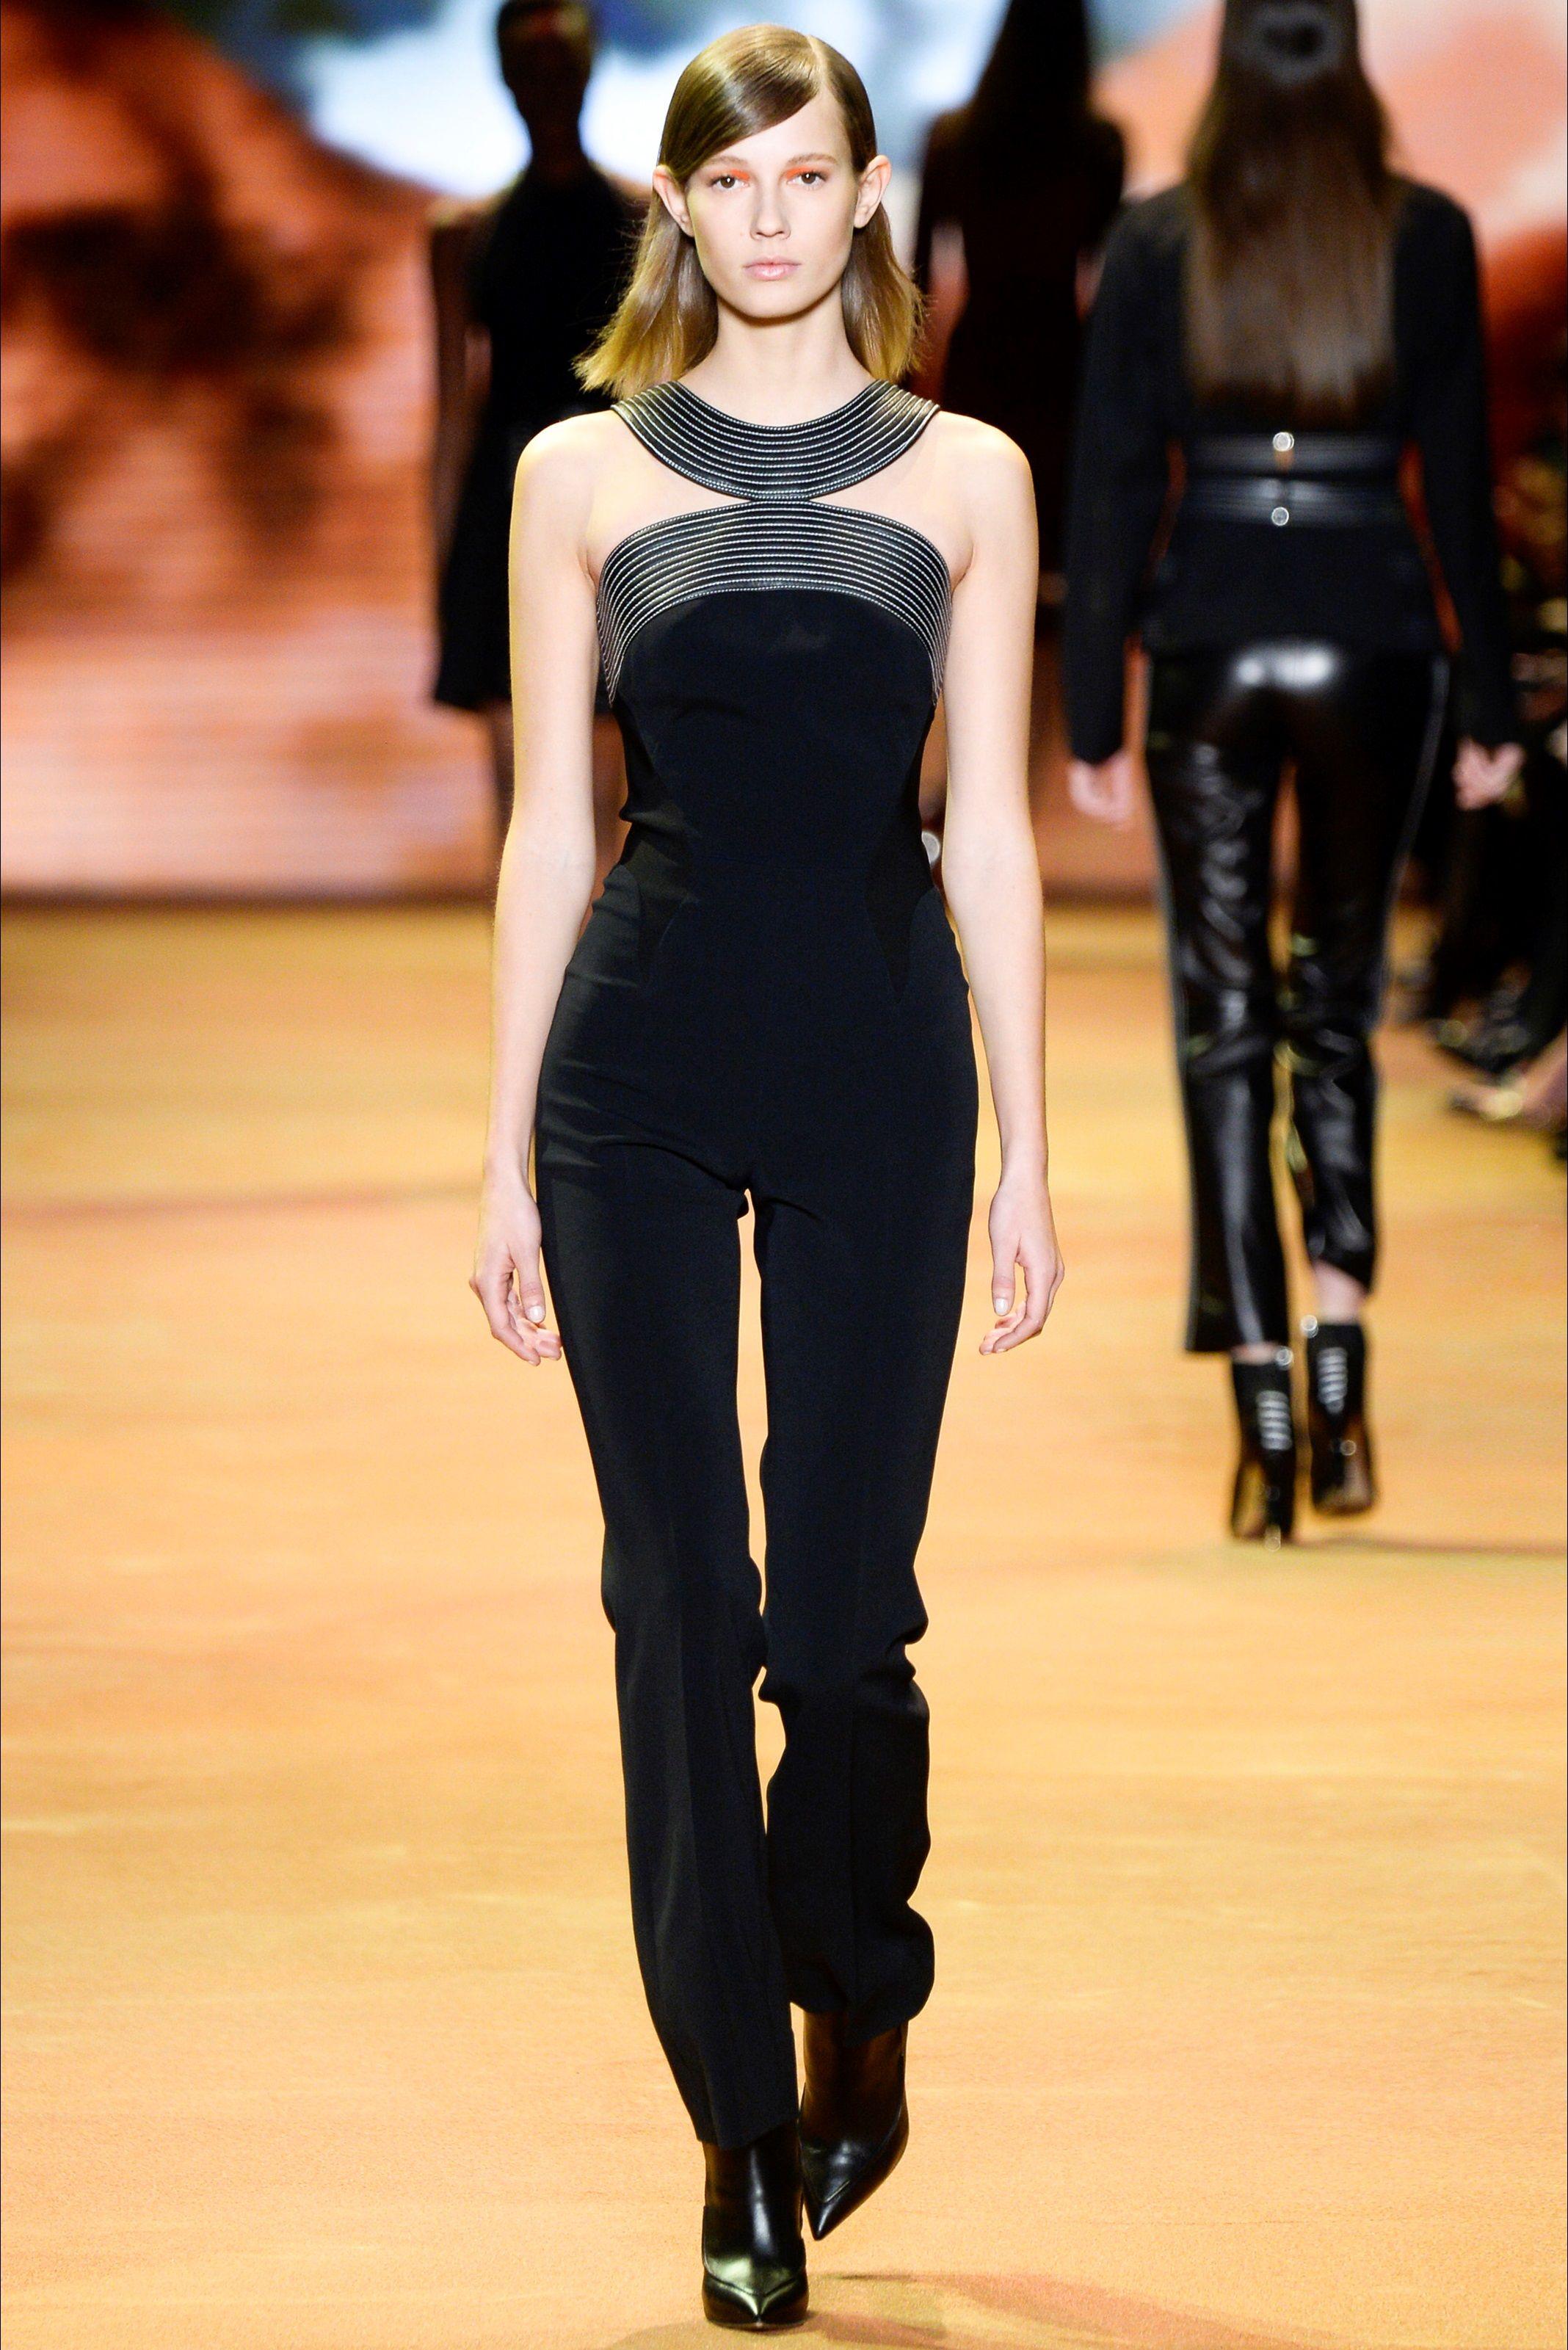 Guarda la sfilata di moda Mugler a Parigi e scopri la collezione di abiti e accessori per la stagione Collezioni Autunno Inverno 2016-17.